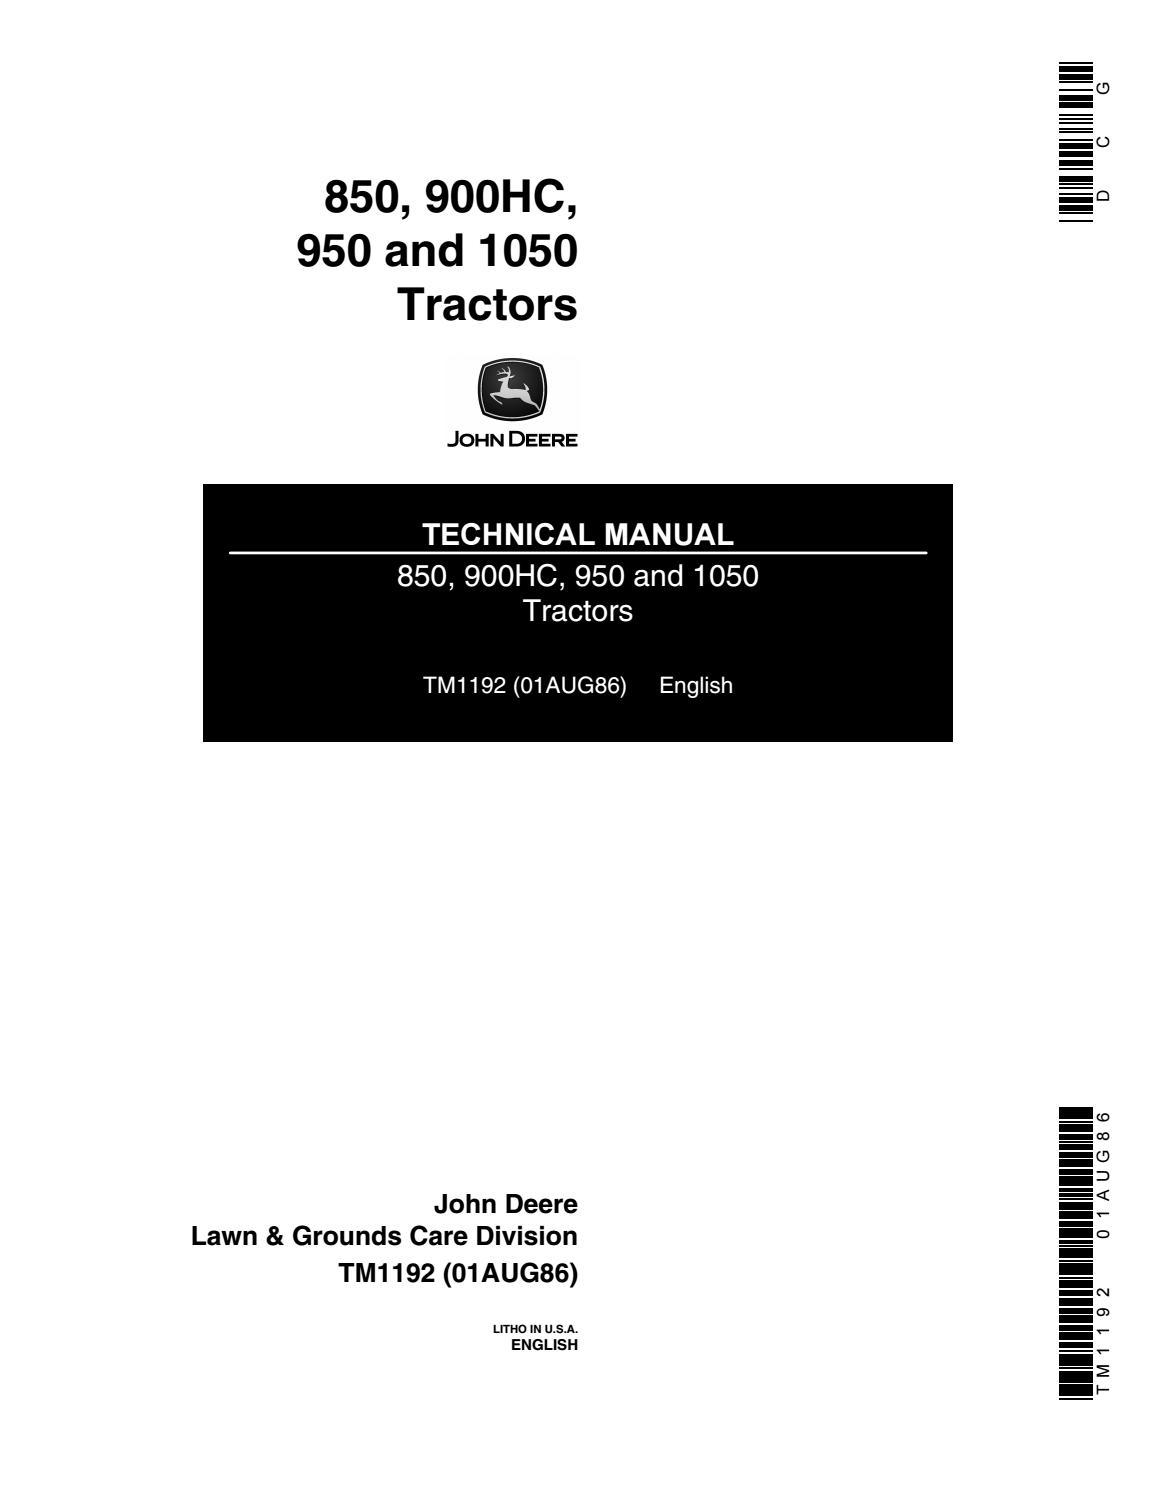 John deere 950 tractor service repair manual by 1635217